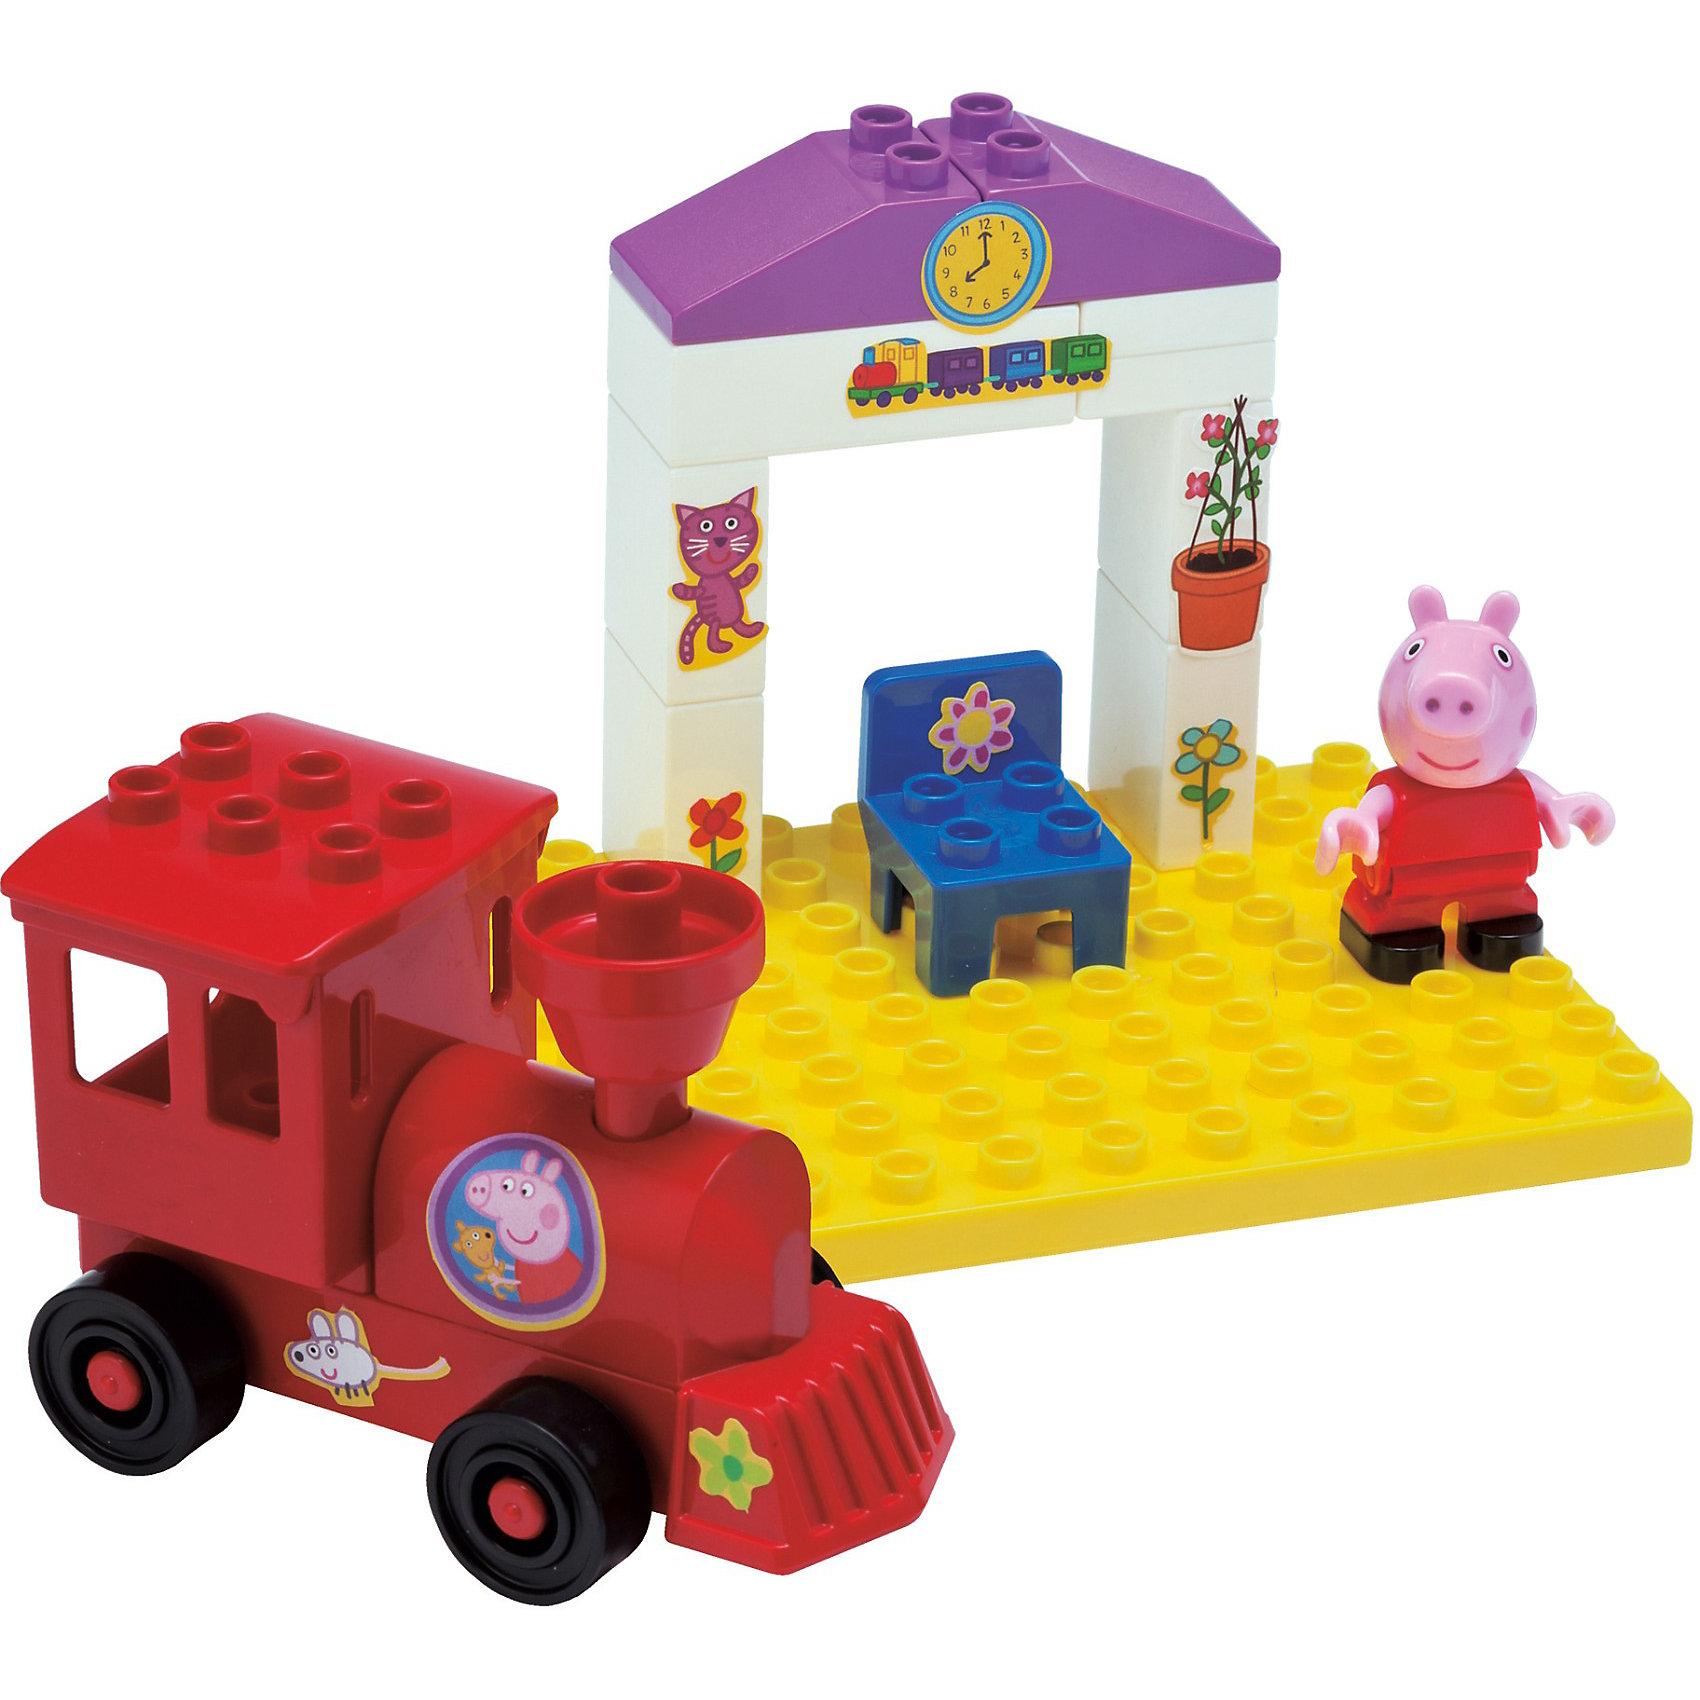 Конструктор Поезд с остановкой, Свинка Пеппа, 15 деталейКонструктор Поезд с остановкой, Свинка Пеппа обязательно понравится всем любителям маленькой свинки. Набор включает в себя паровозик дяди Свина, остановку, фигурку свинки Пеппы. Детали конструктора имеют размер, идеально подходящий для маленьких детских ручек. Изготовлены из высококачественного пластика, не имеют острых углов, безопасны для ребенка. Благодаря хорошо проработанным креплениям, конструктор легко собирается и разбирается, детали быстро и прочно крепятся друг к другу. Игра с конструктором развивает  творческие способности, мелкую моторику, навыки конструирования, внимание.<br><br>Дополнительная информация:<br><br>- Комплектация: паровозик, фигурка свинки, стул, остановка, панель, на которую крепятся детали.<br>- Количество деталей: 15 шт.<br>- Материал: пластик<br>- Размер коробки: 19 x 11 x 9.4 см.<br>- Детали совместимы с Lego Duplo<br><br>Конструктор Поезд с остановкой, Свинка Пеппа (Peppa Pig) можно купить в нашем магазине.<br><br>Ширина мм: 193<br>Глубина мм: 124<br>Высота мм: 96<br>Вес г: 270<br>Возраст от месяцев: 18<br>Возраст до месяцев: 36<br>Пол: Унисекс<br>Возраст: Детский<br>SKU: 3787586